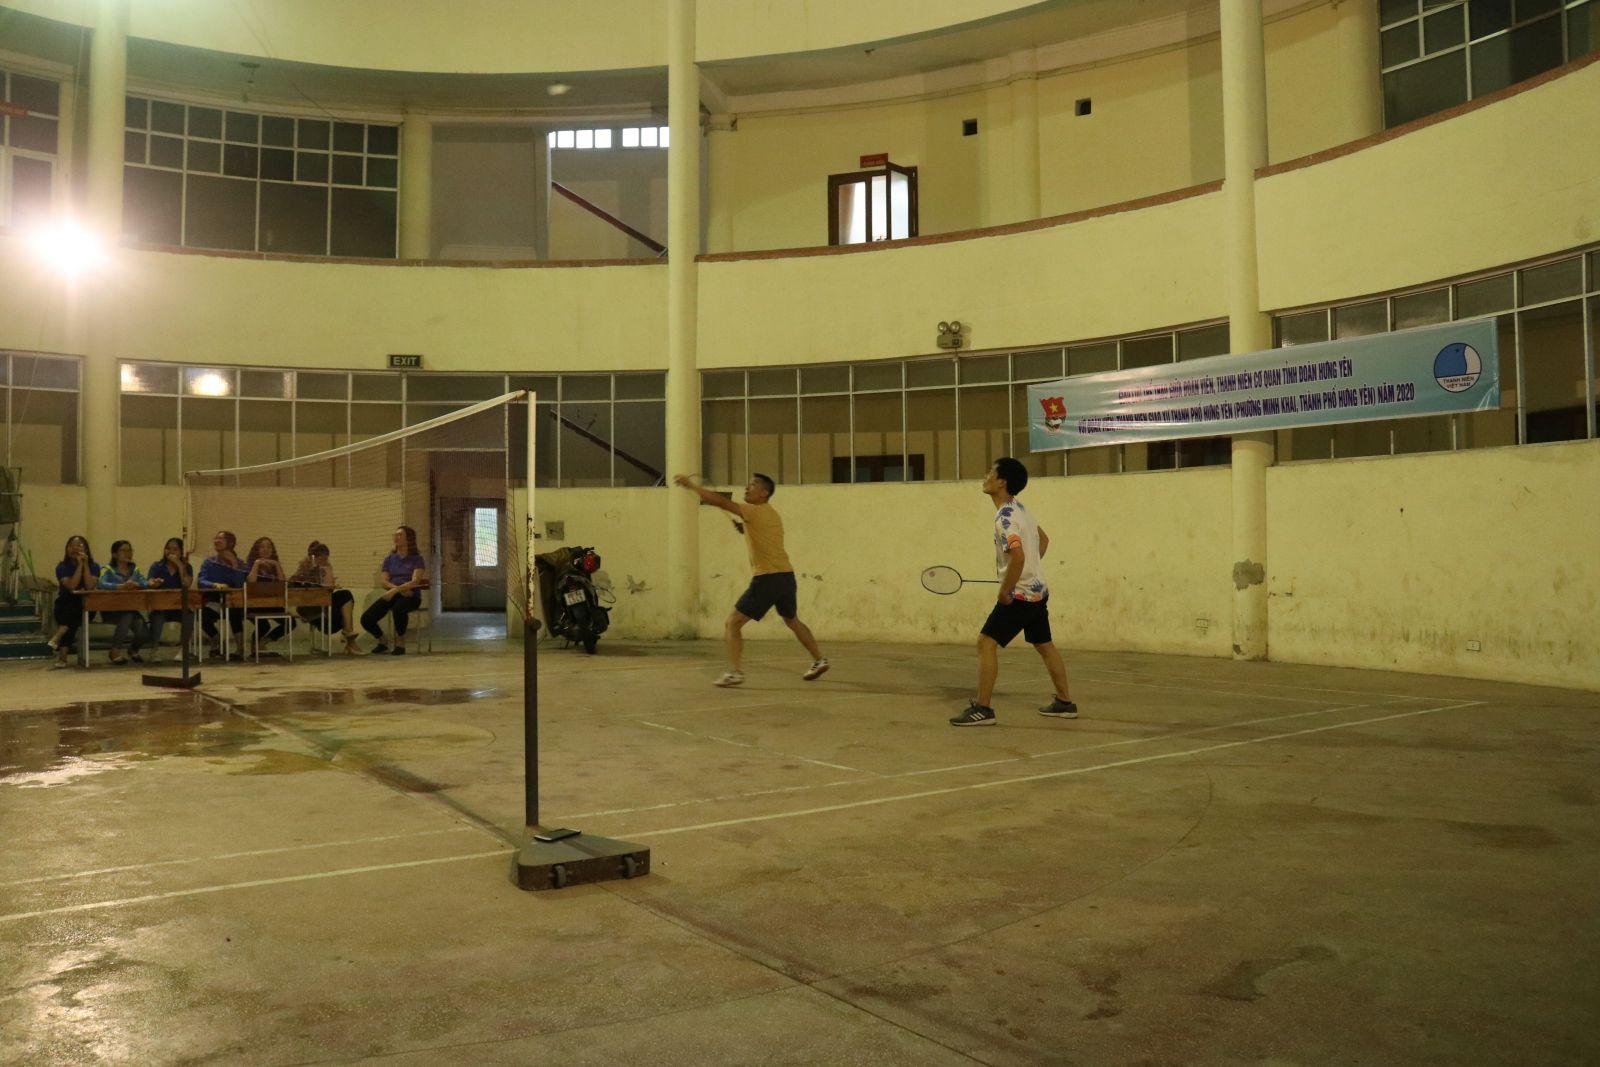 Giao lưu thể thao giữa đoàn viên, thanh niên cơ quan Tỉnh đoàn Hưng Yên với đoàn viên, thanh niên giáo xứ Thành phố Hưng Yên